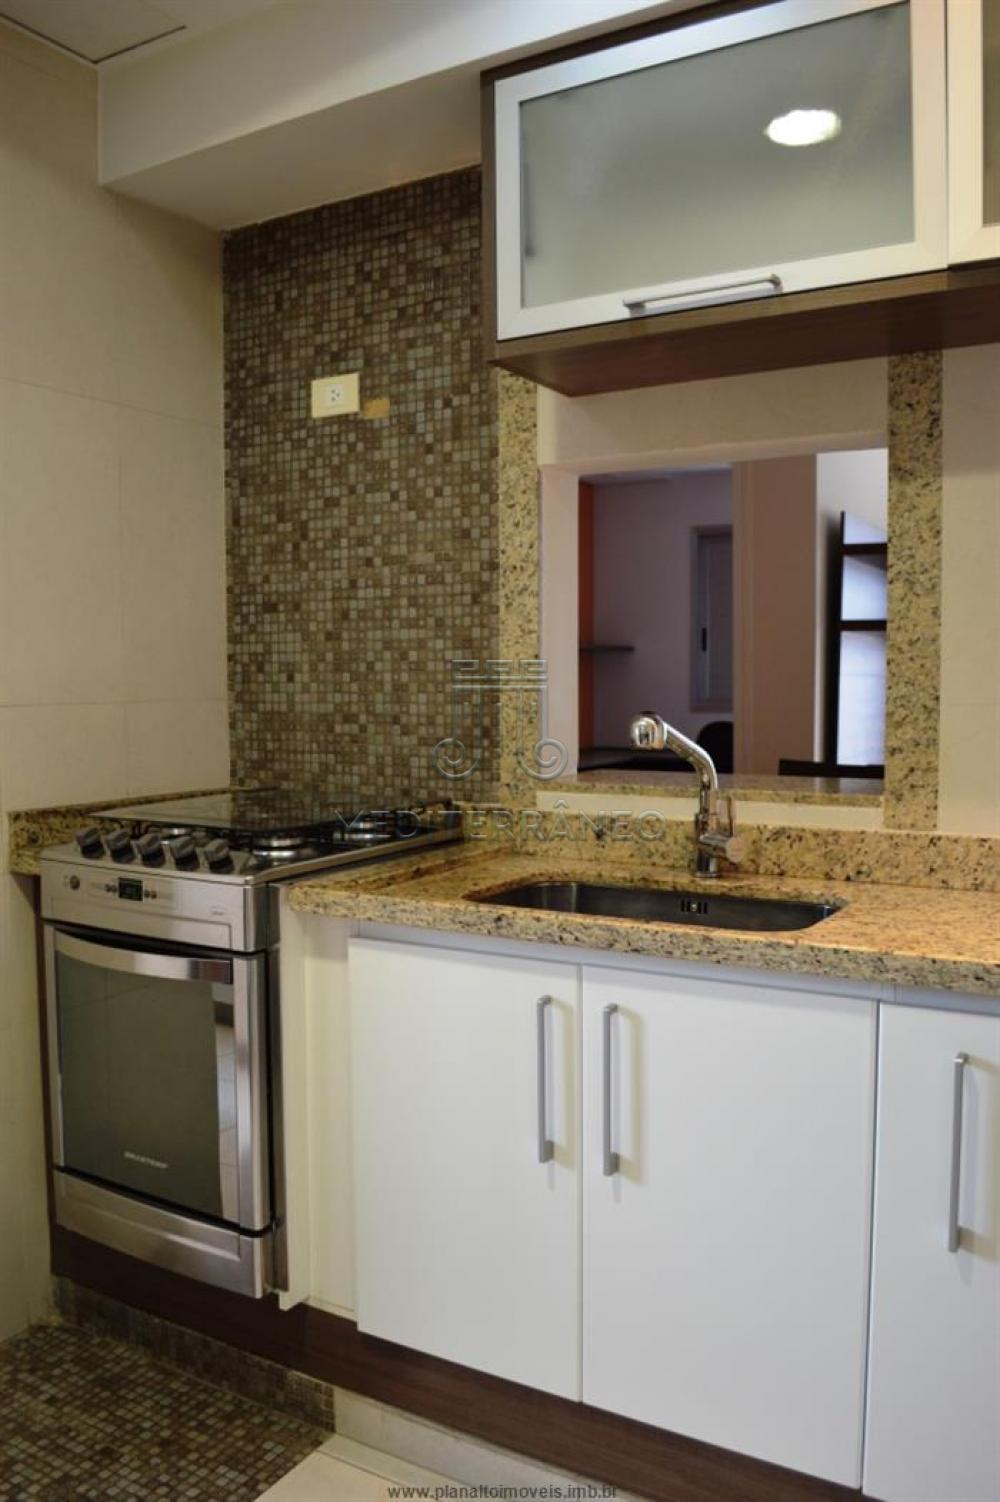 Comprar Apartamento / Padrão em Jundiaí apenas R$ 430.000,00 - Foto 15